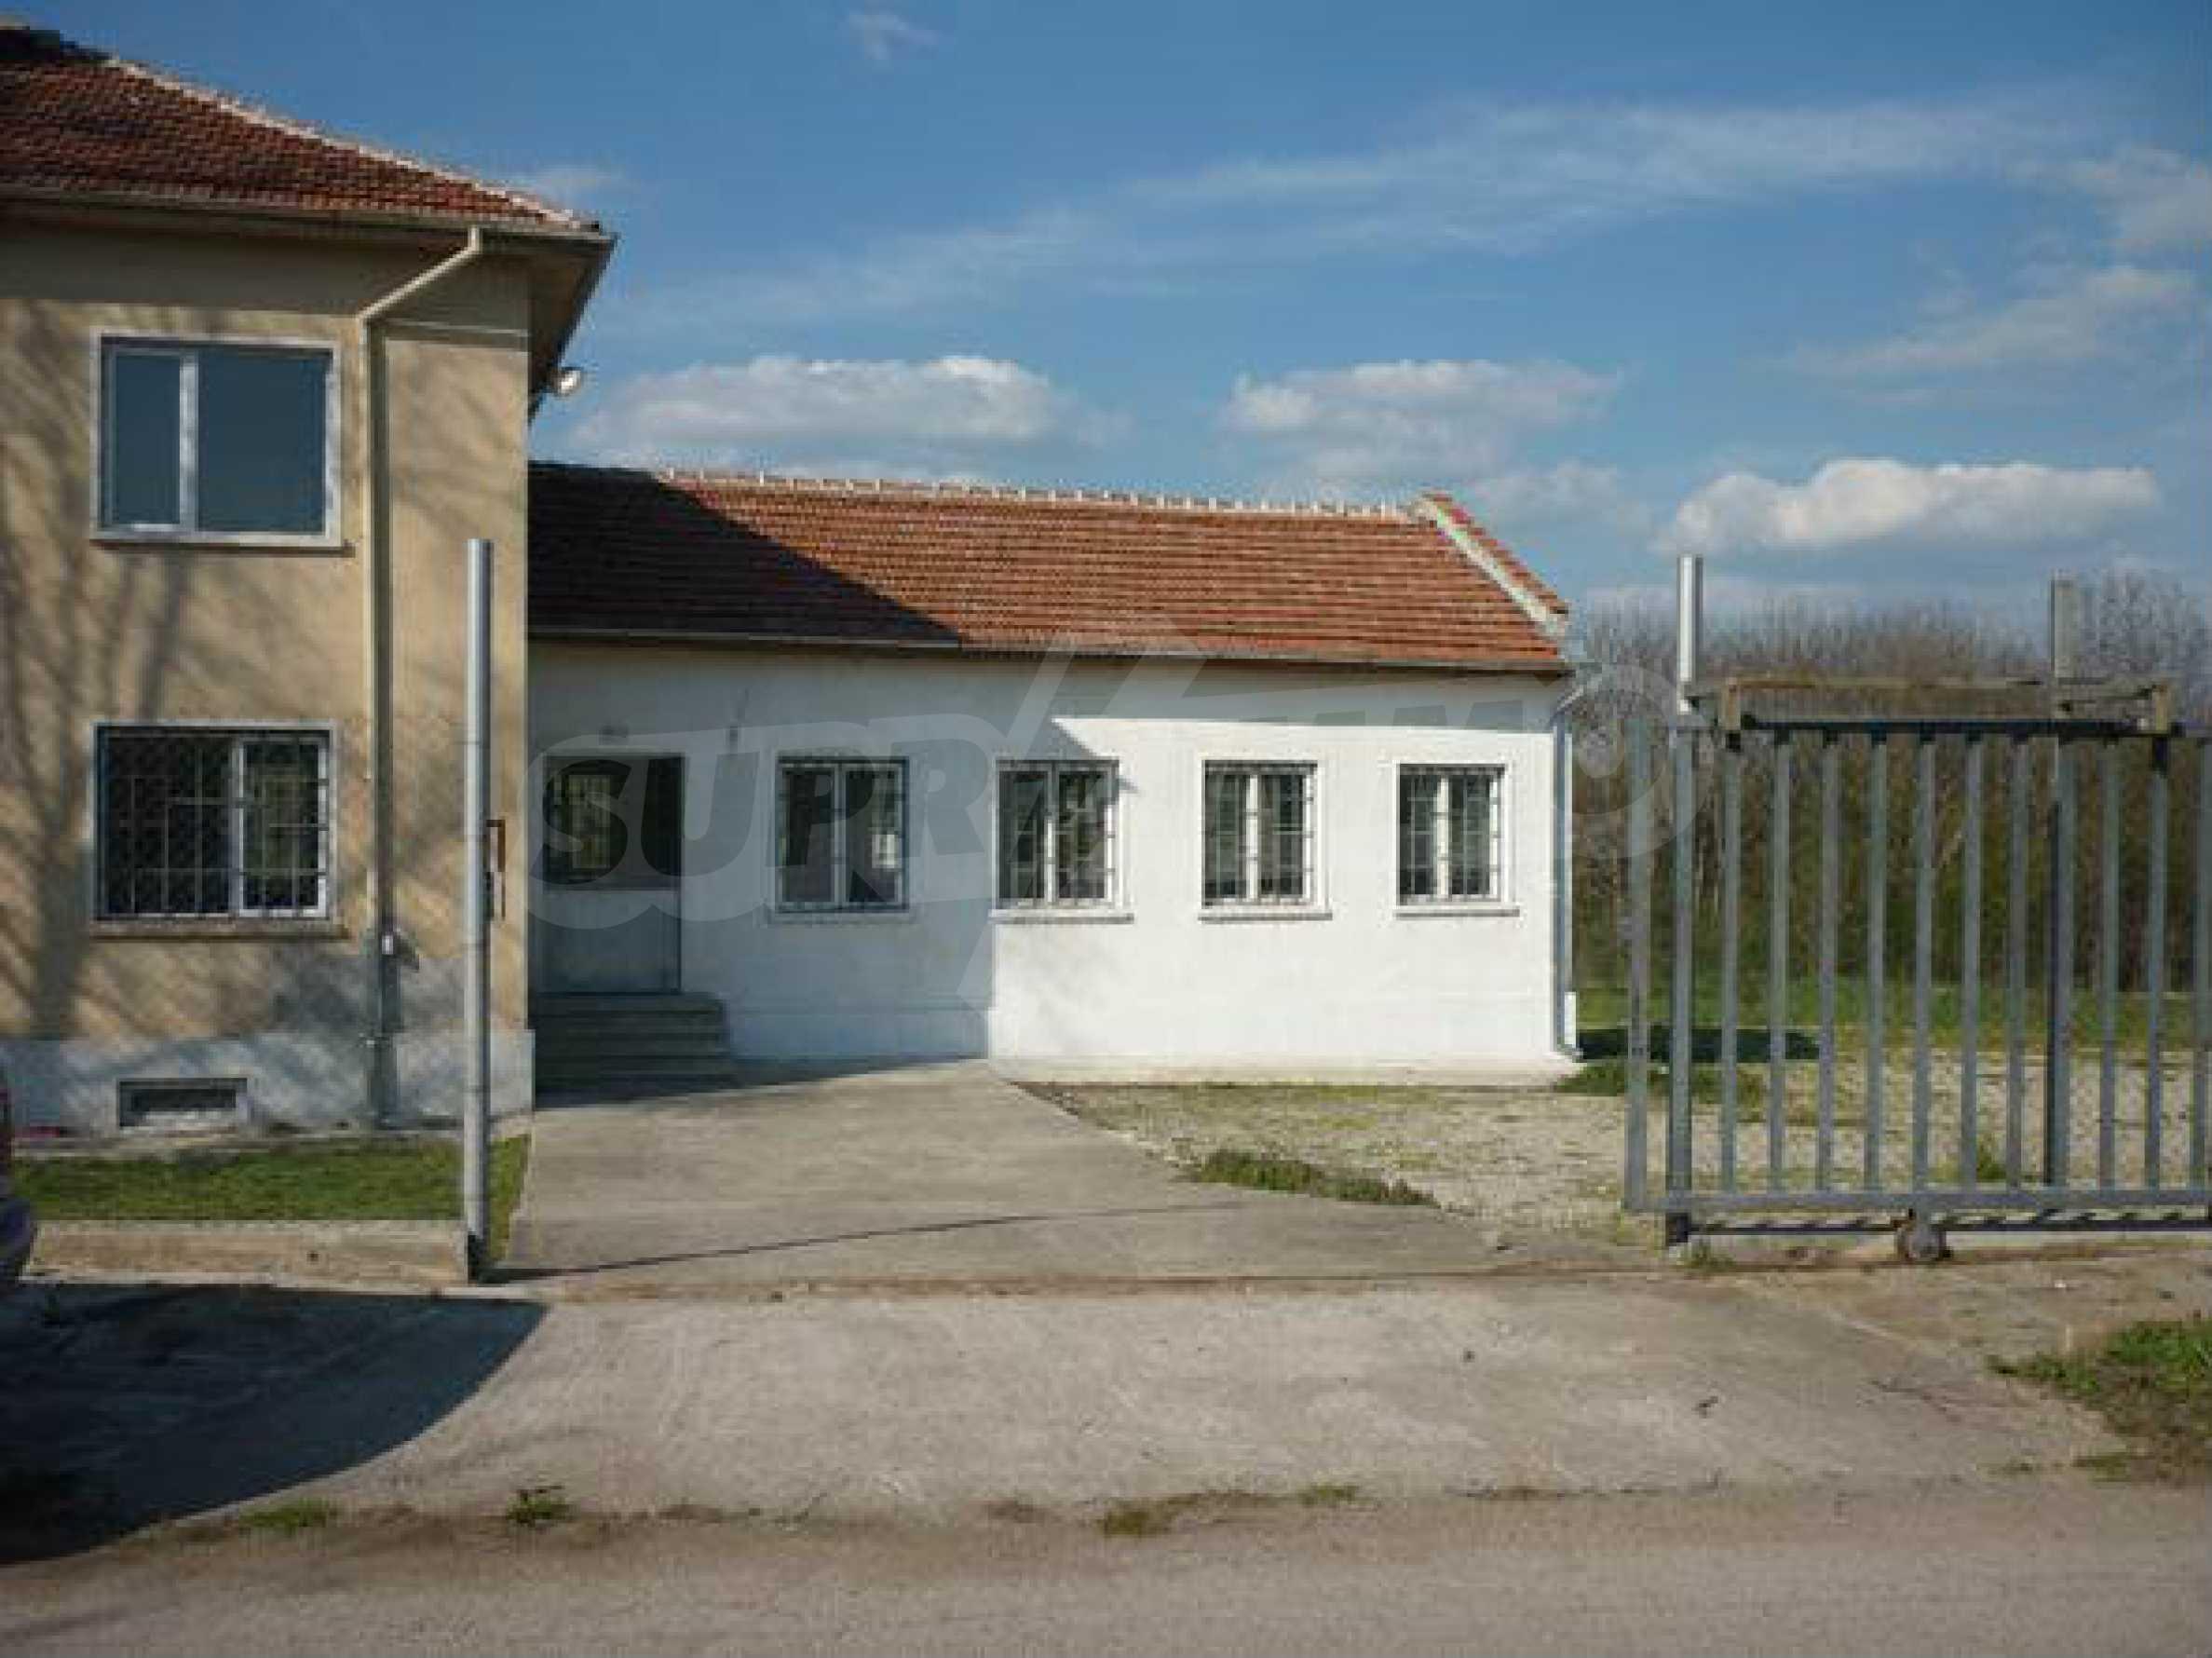 Industriegelände in einem Dorf 6 km von der Stadt Lovech entfernt 1